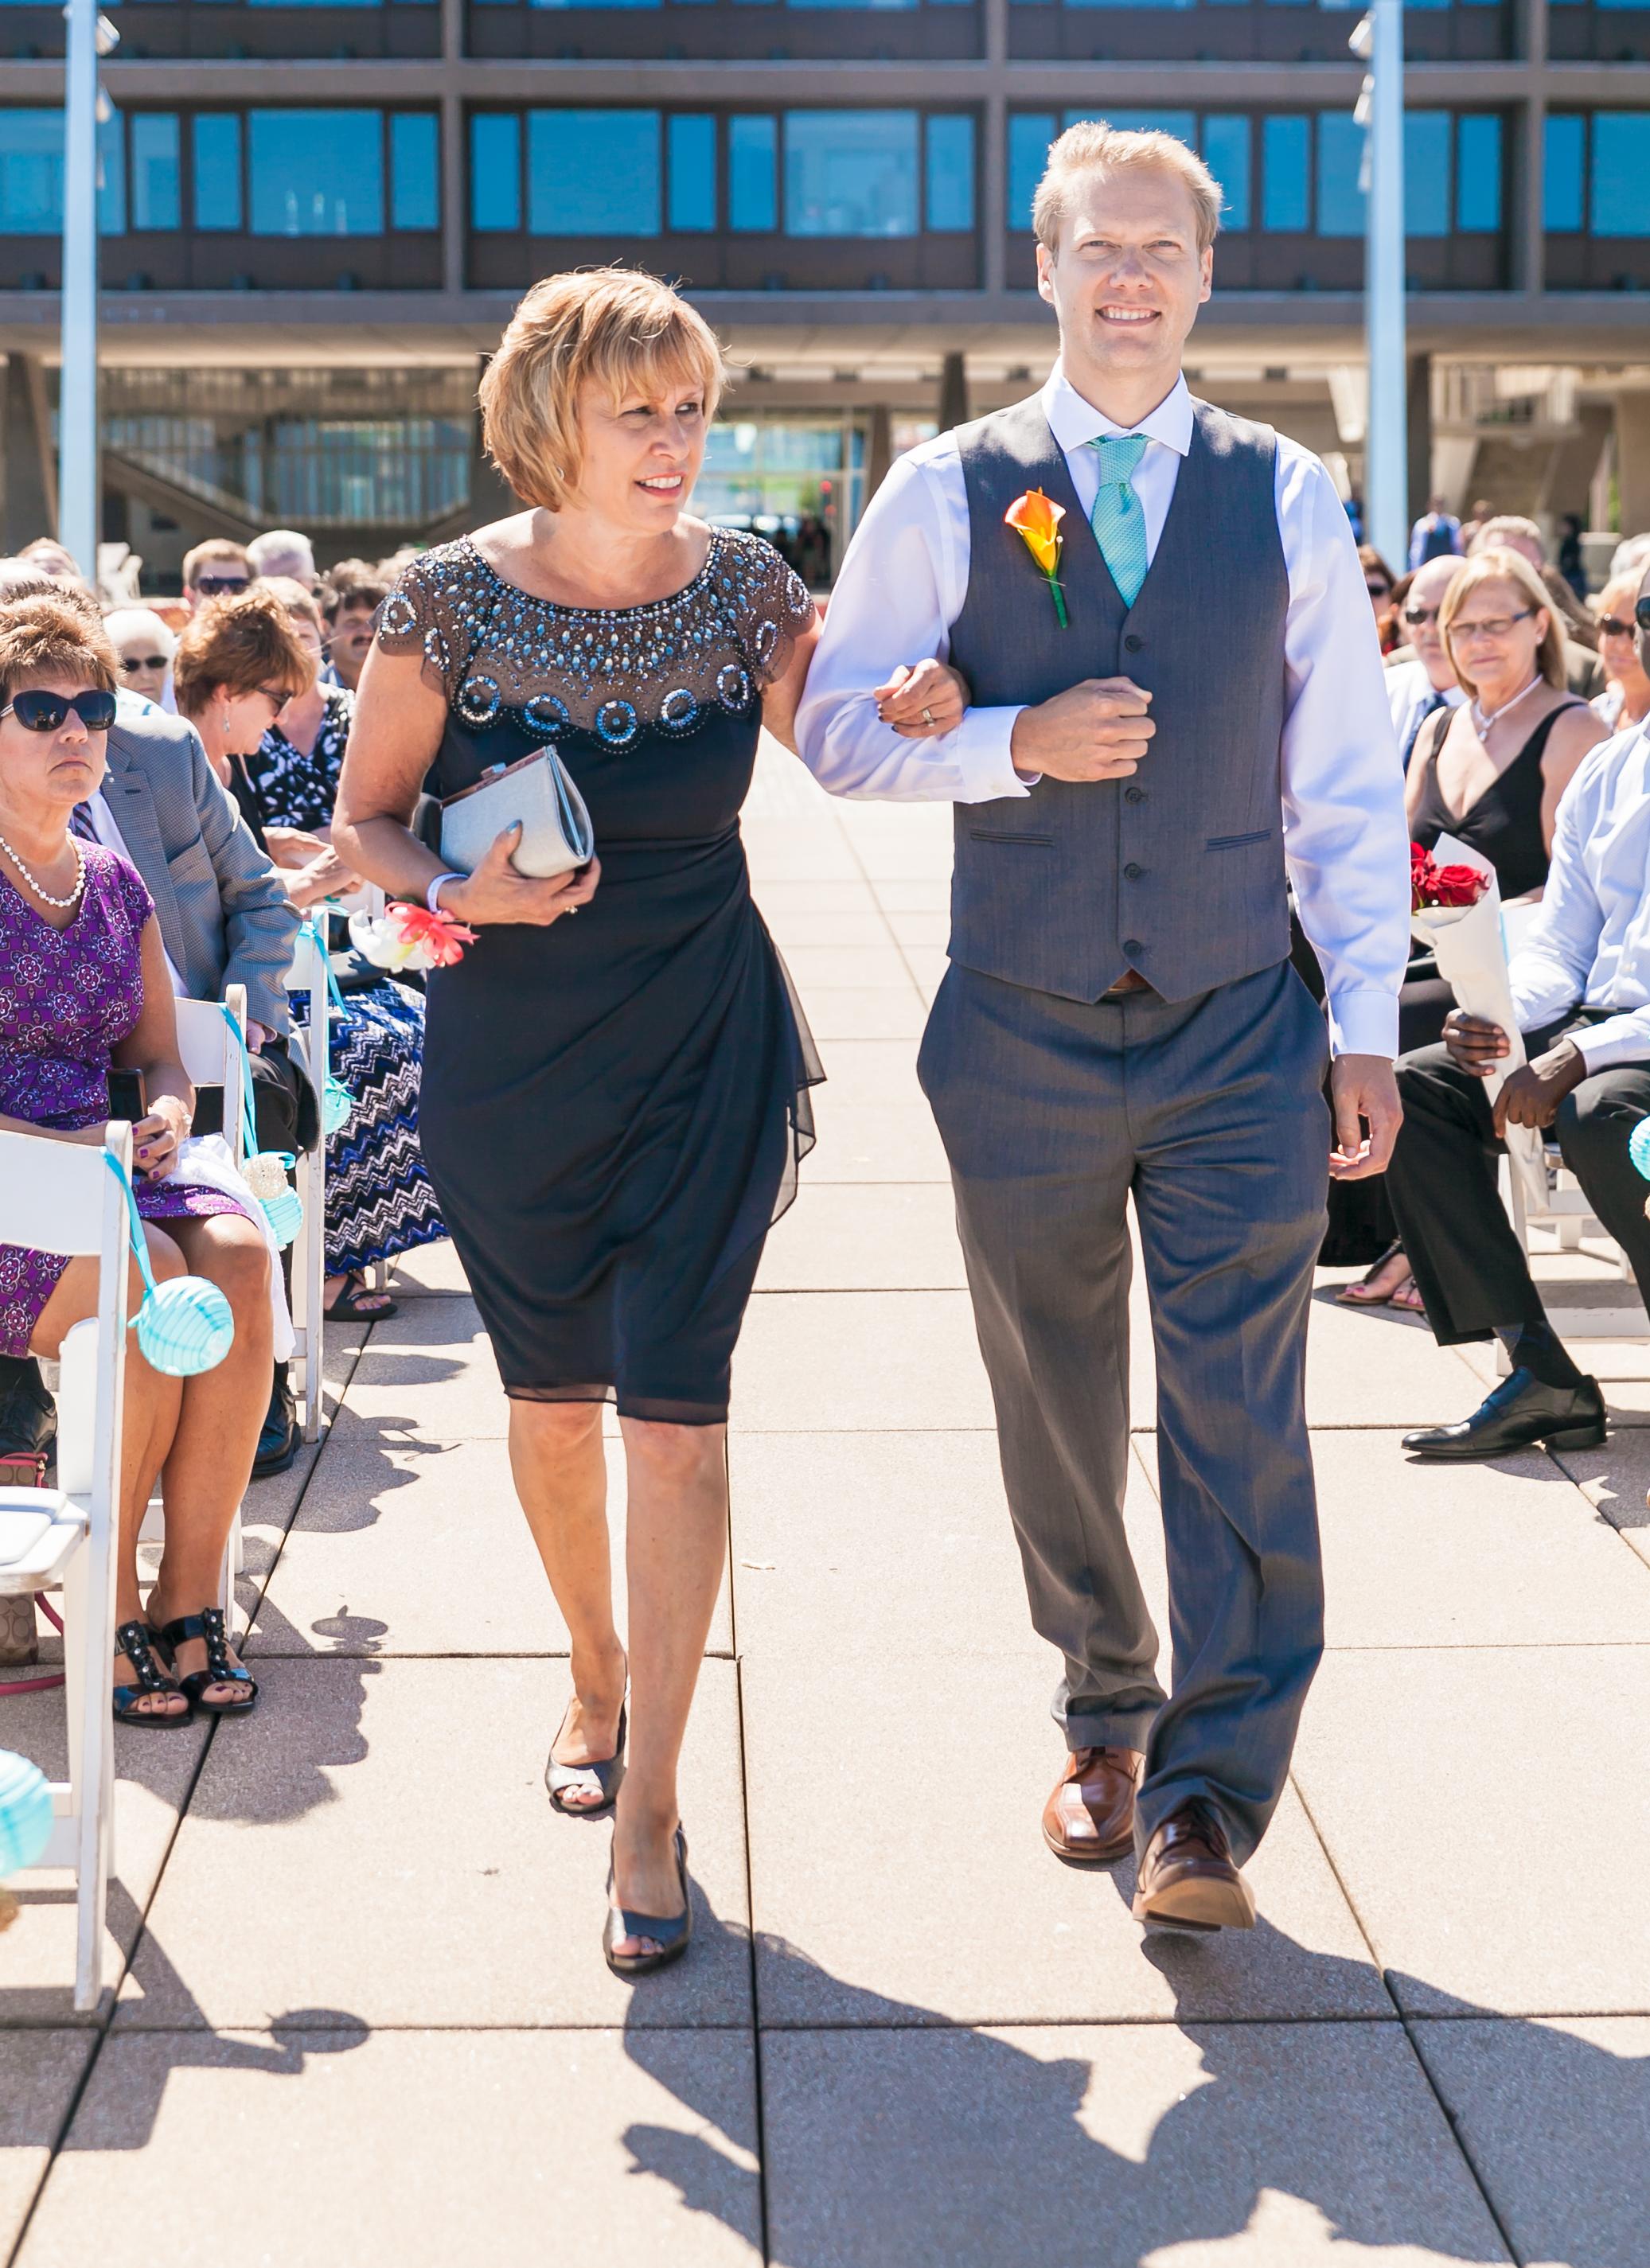 Matt+Jenna Wedding (503 of 1207).jpg